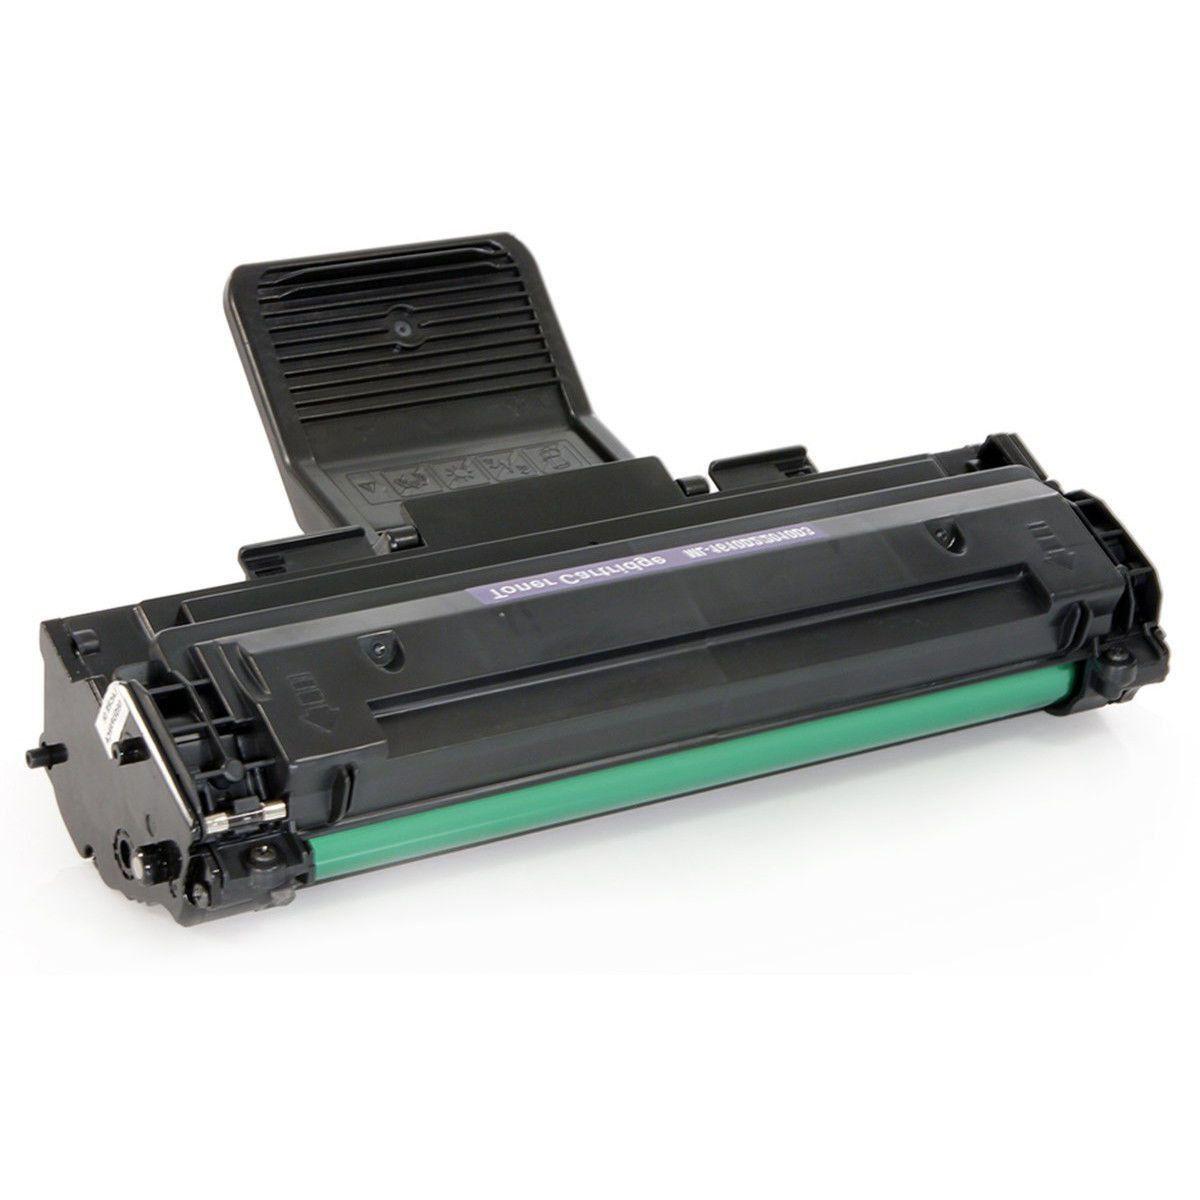 Compatível: Toner 106R01159 para Impressora Xerox Phaser 3117 3122 3124 3125 / Preto / 2.000